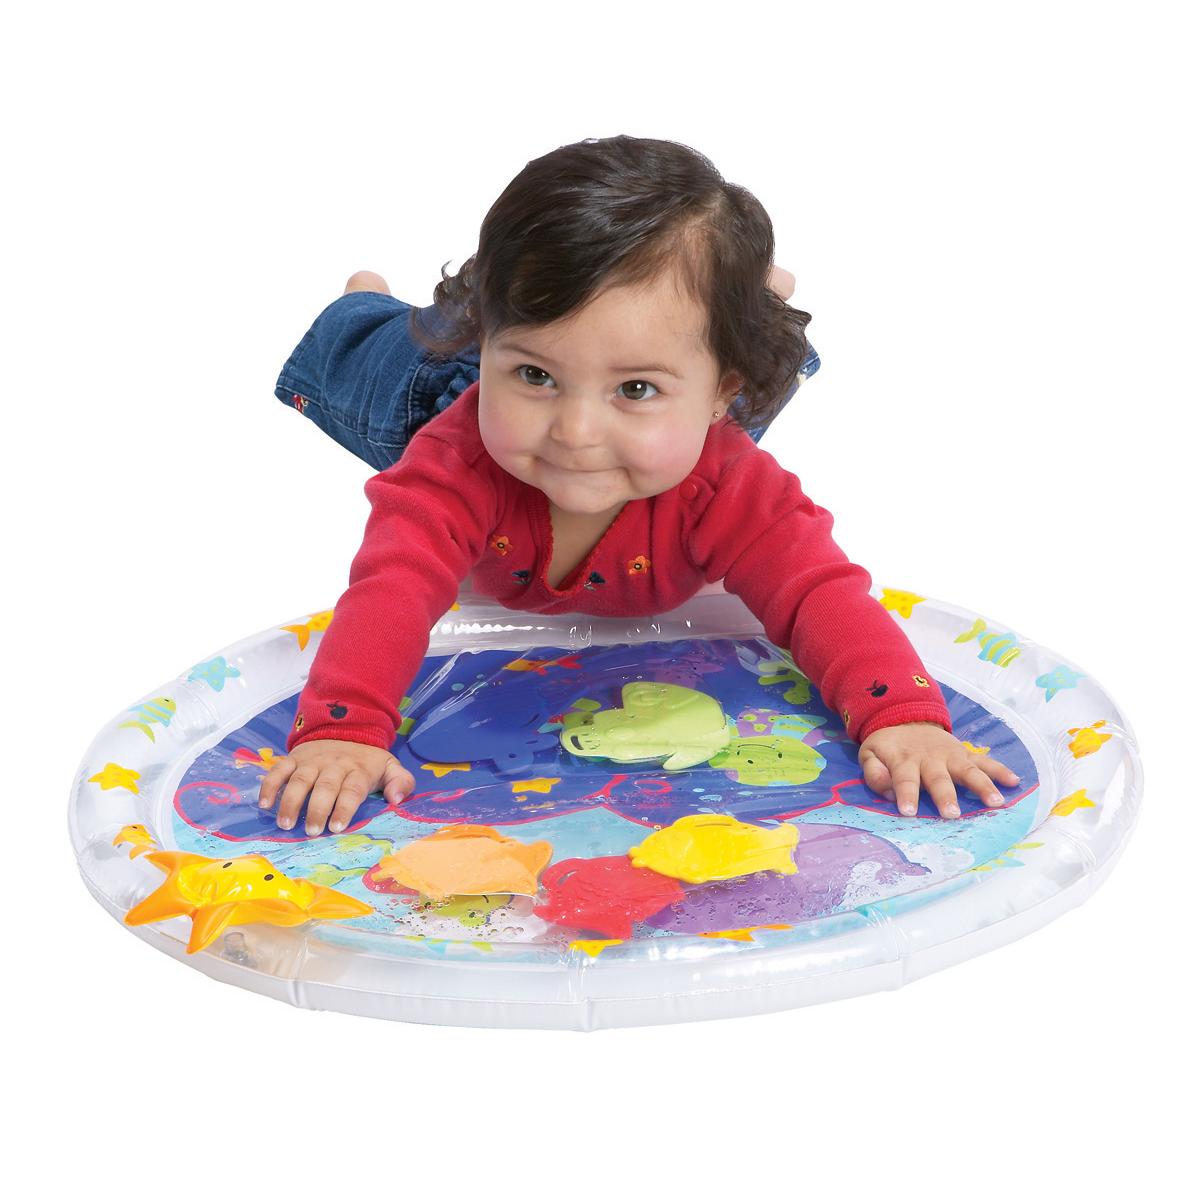 Fill N Fun Water Play Mat Becker S School Supplies Water Play Mat Tummy Time Activities Baby Play Mat